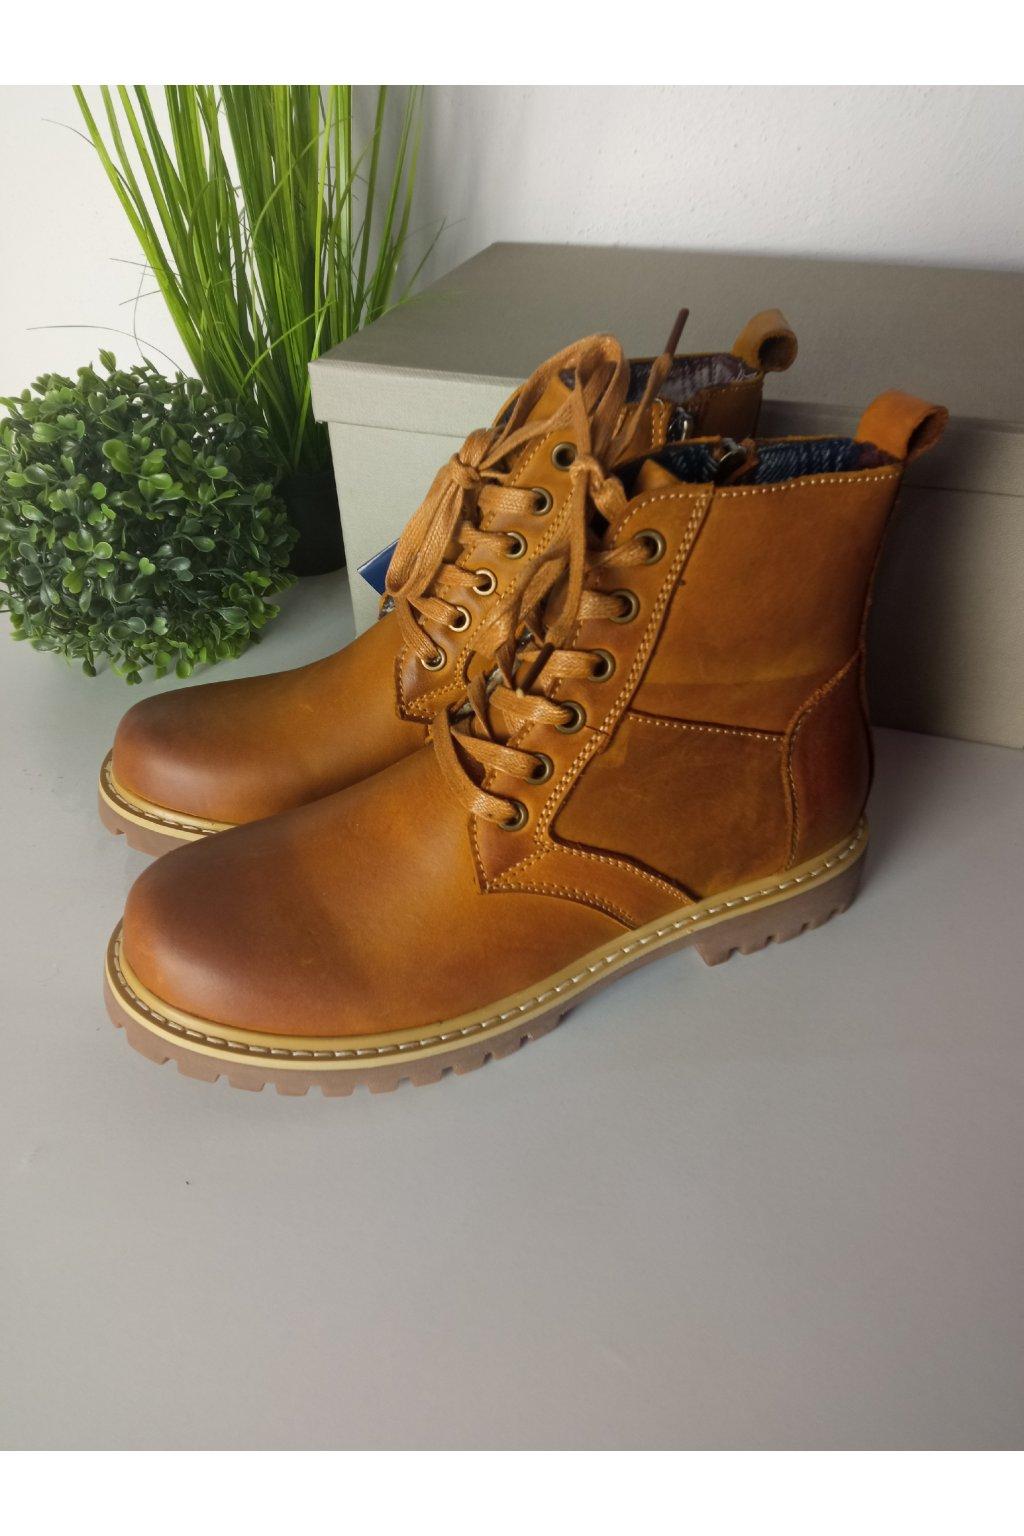 Členkové hnedé topánky NJSK SH5371-2DK.BR